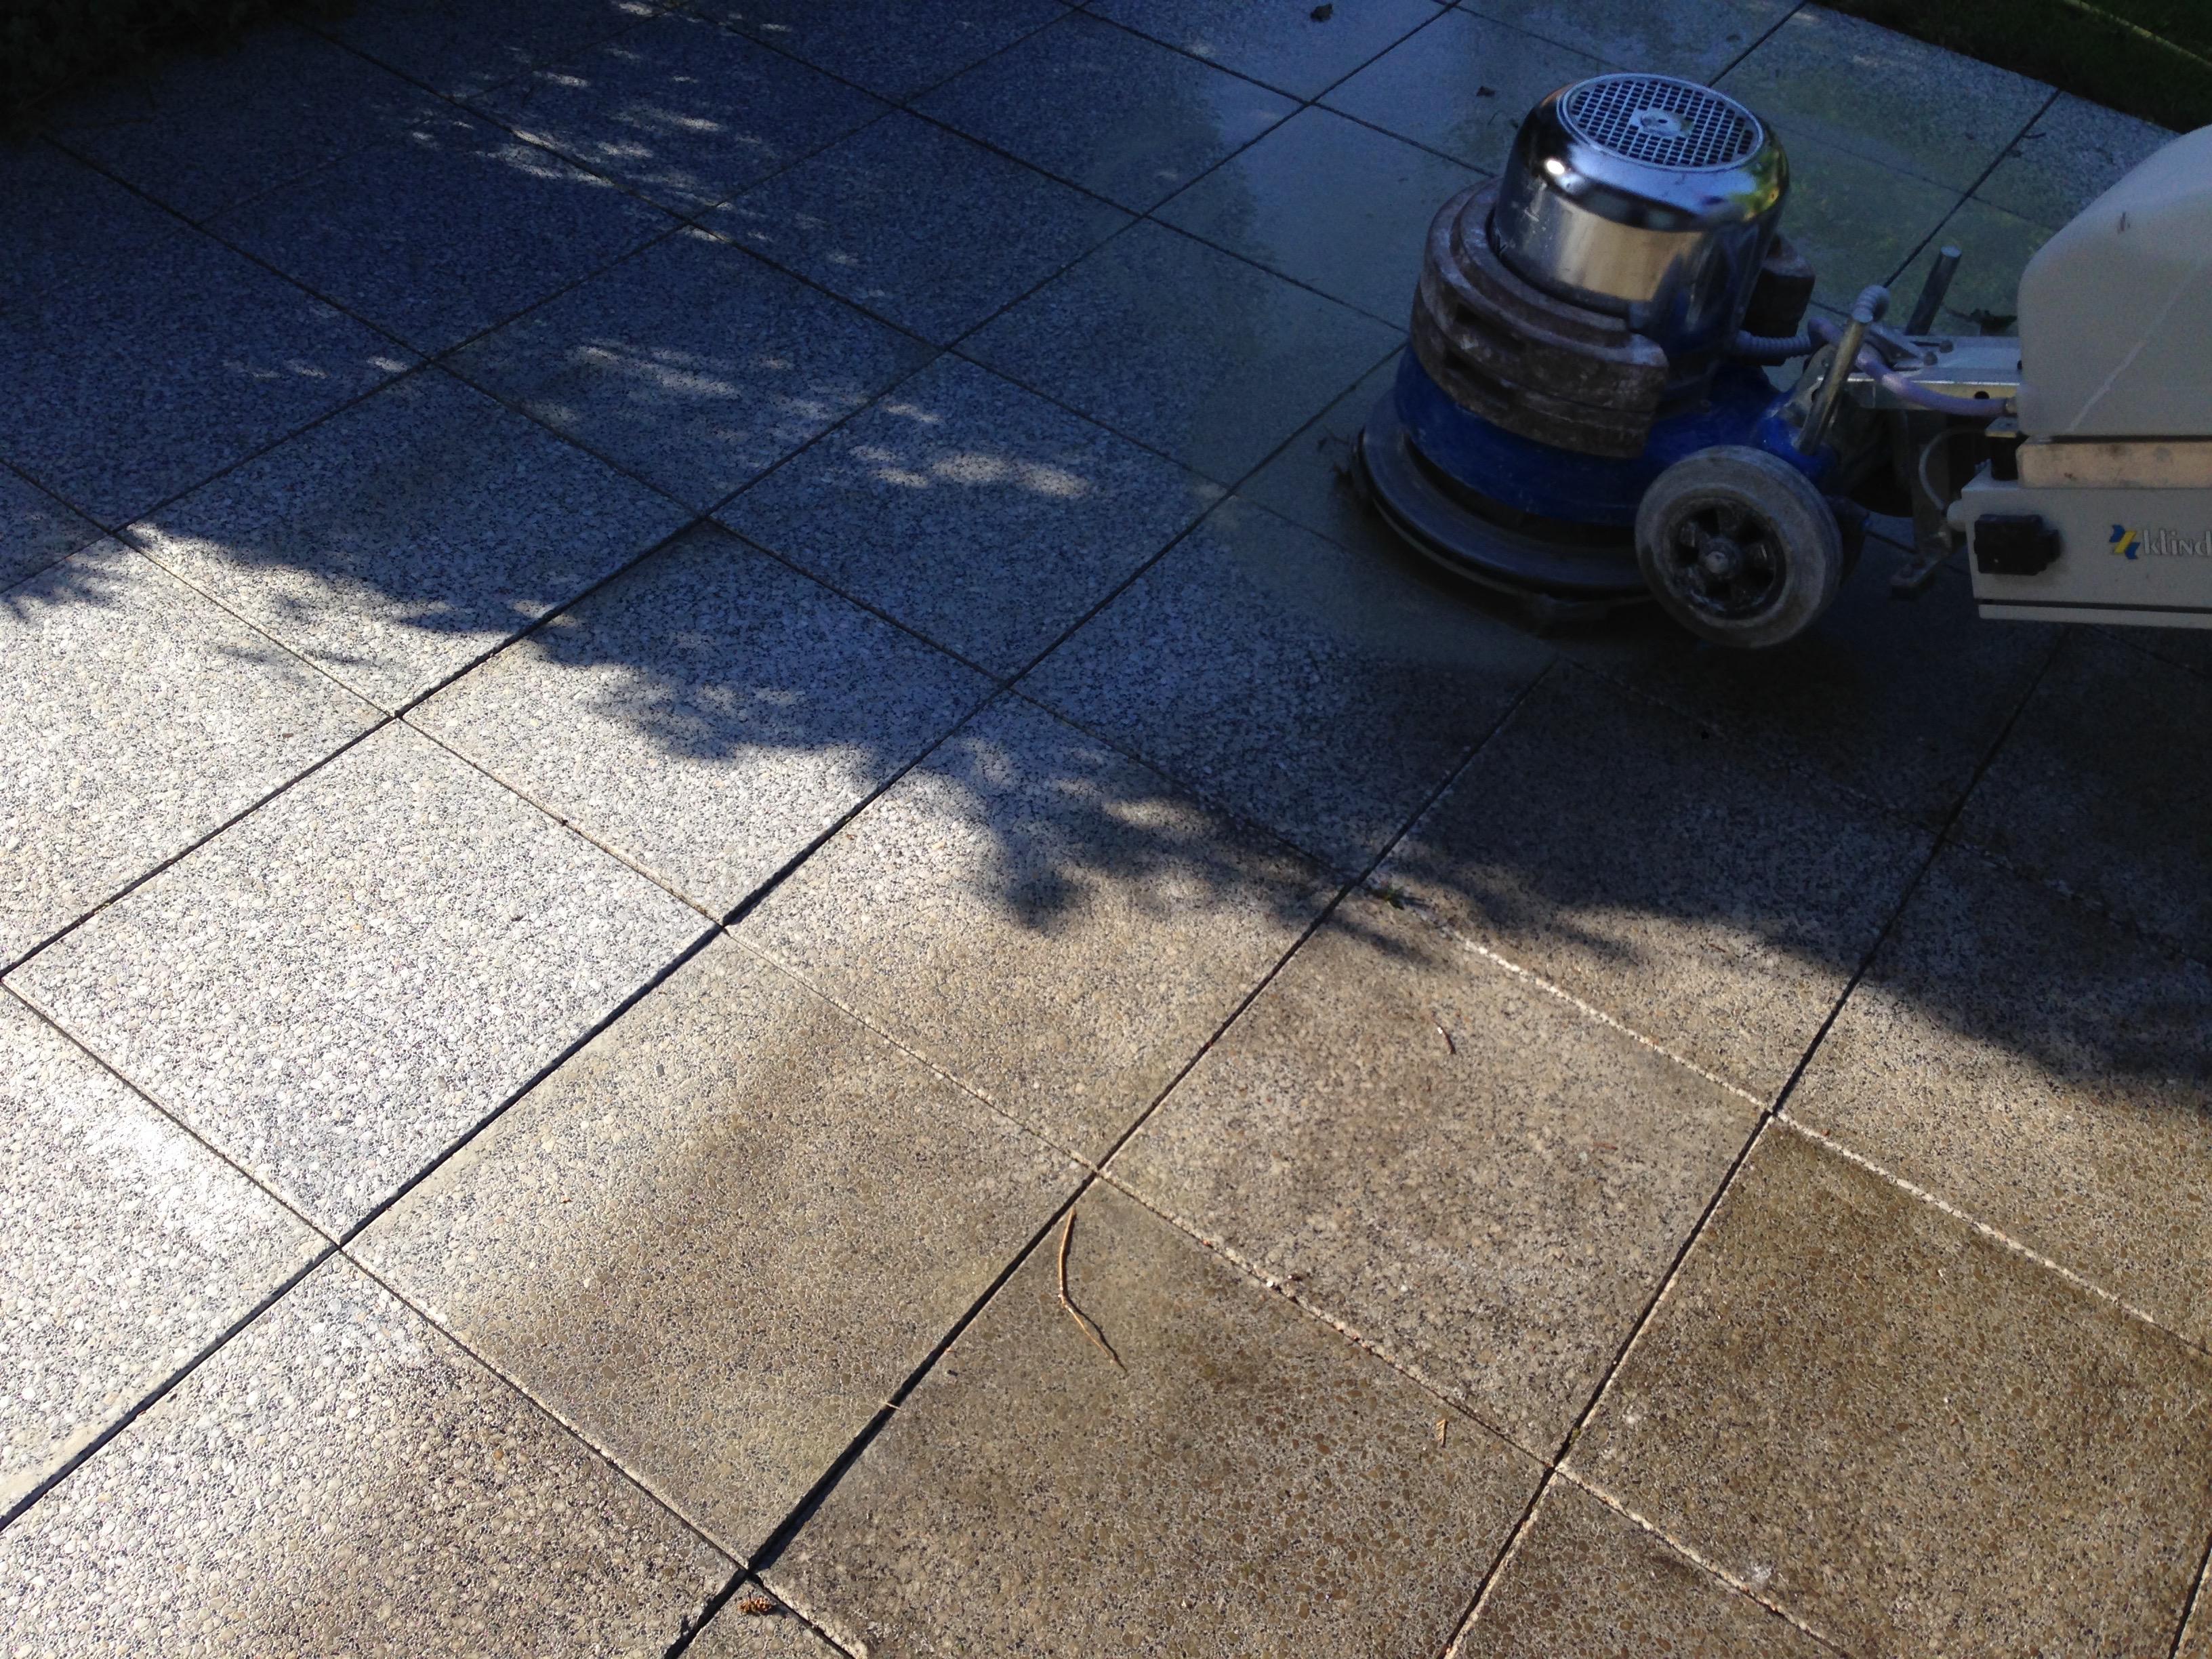 Beliebt Granit reinigen und pflegen außen - RCS-Steinbodensanierung ZC12